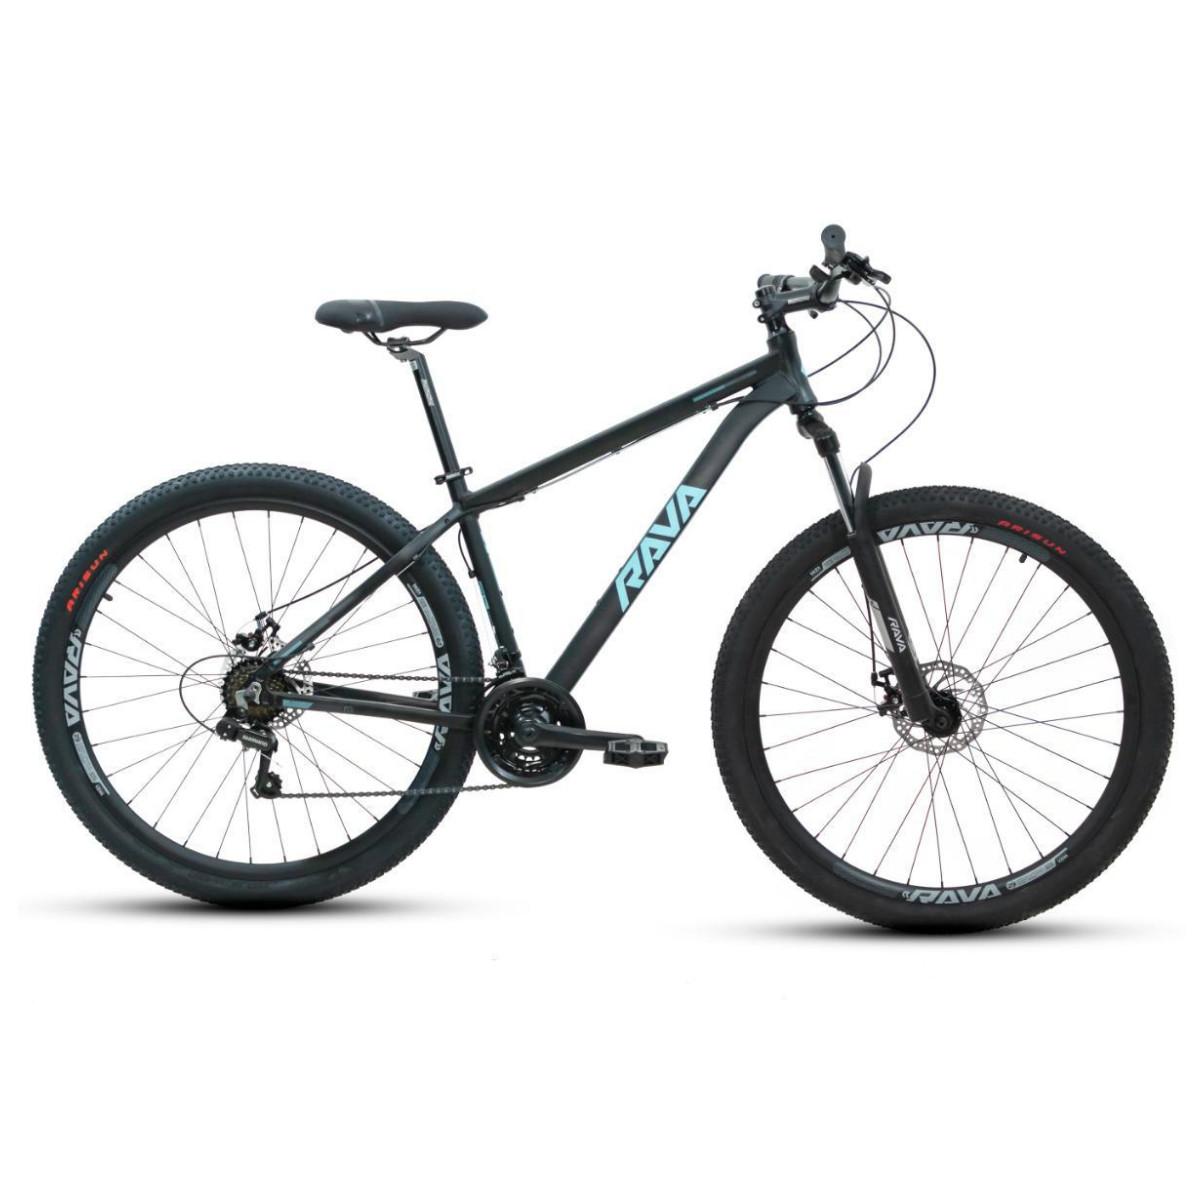 Bicicleta Mtb Rava Pressure 21V 2021 - Preto e Azul